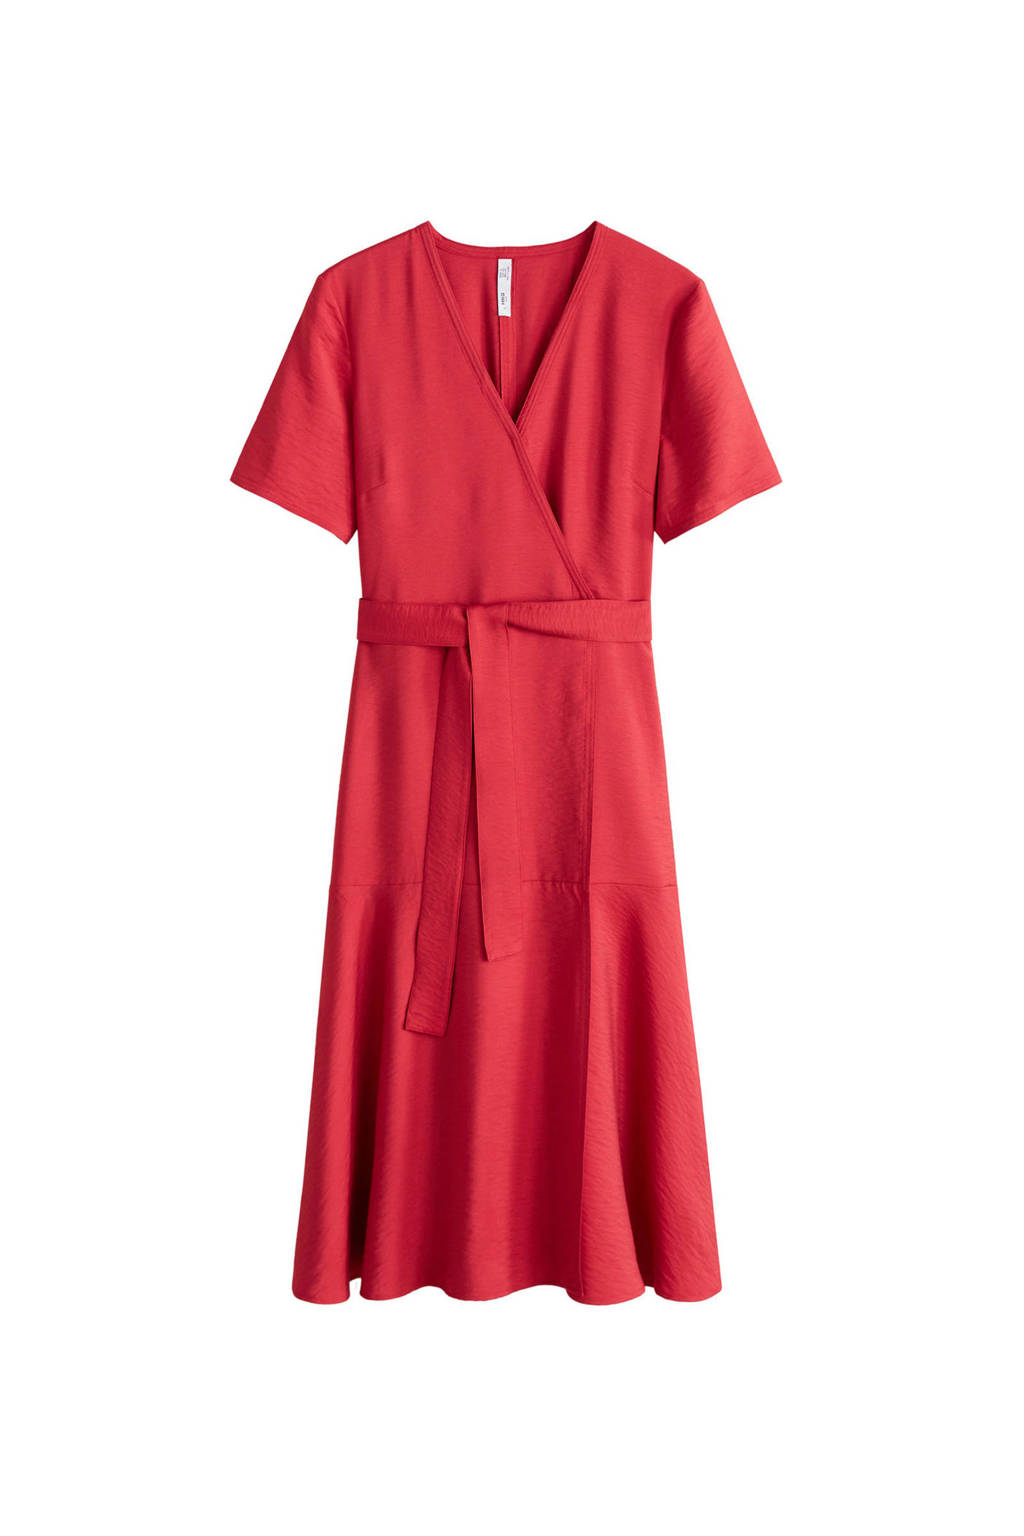 Mango jurk rood, Rood